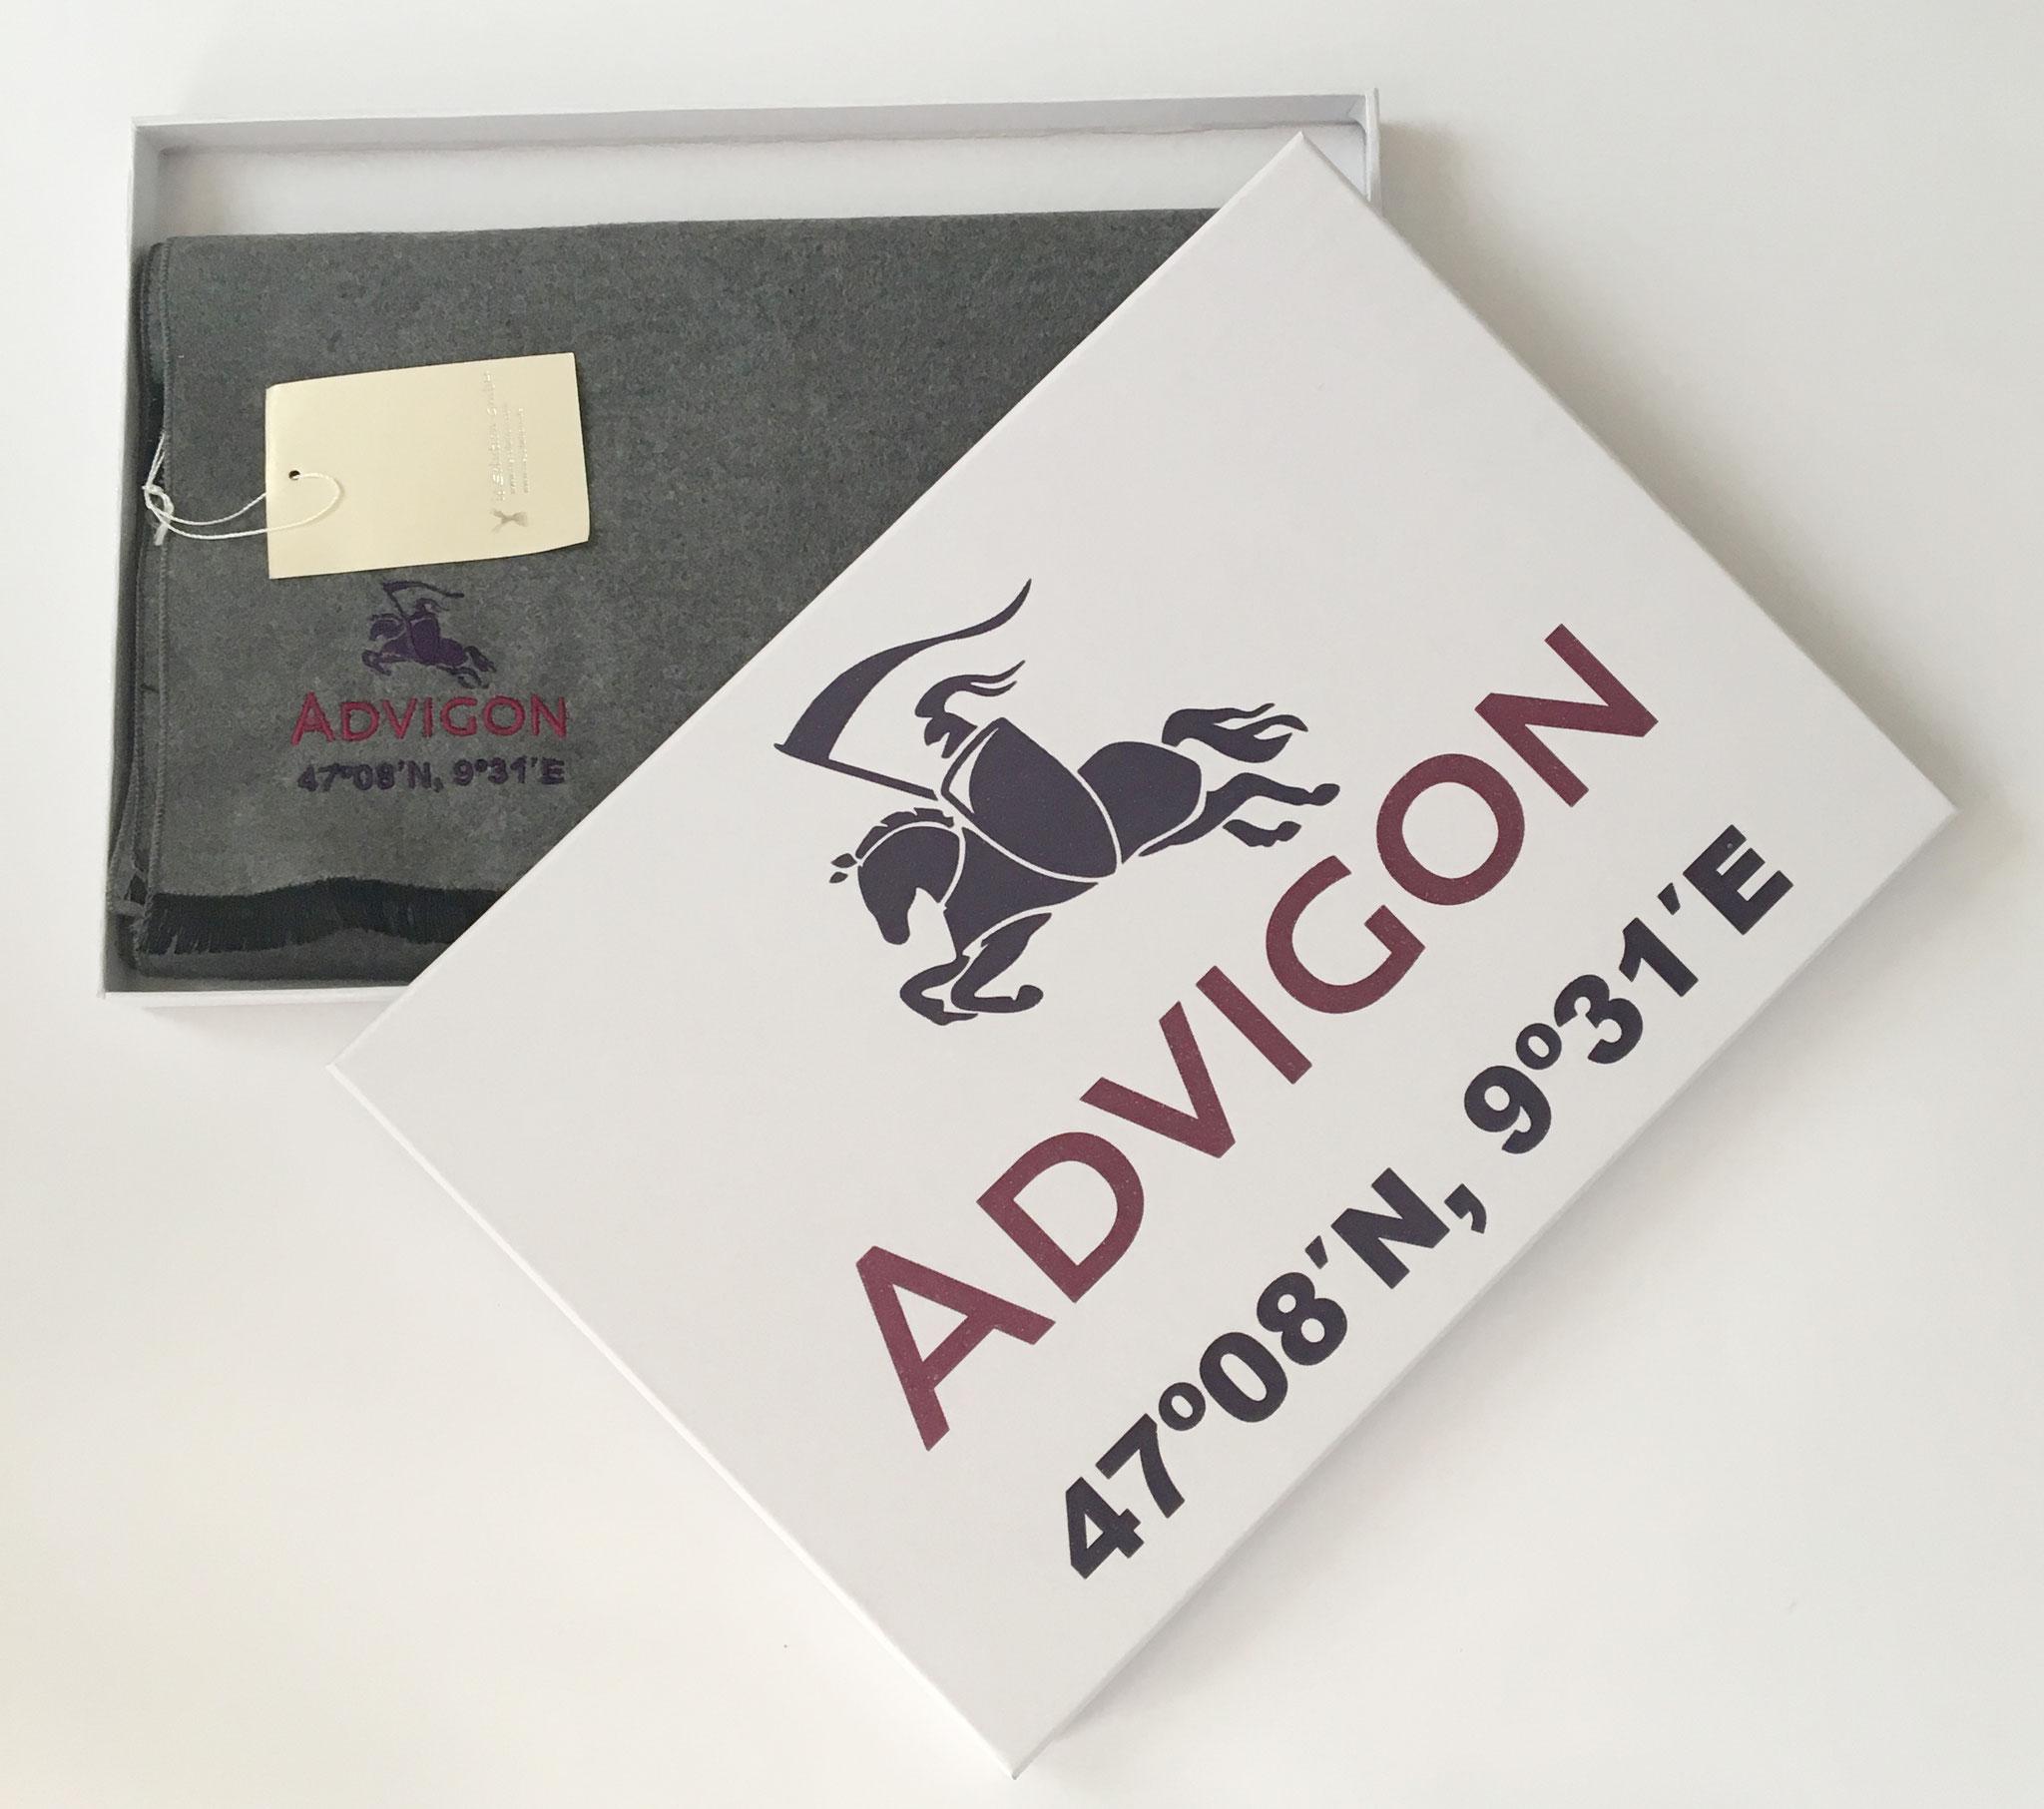 Advigon. Bufanda seda con bordado Advigon. Estuche personalizado